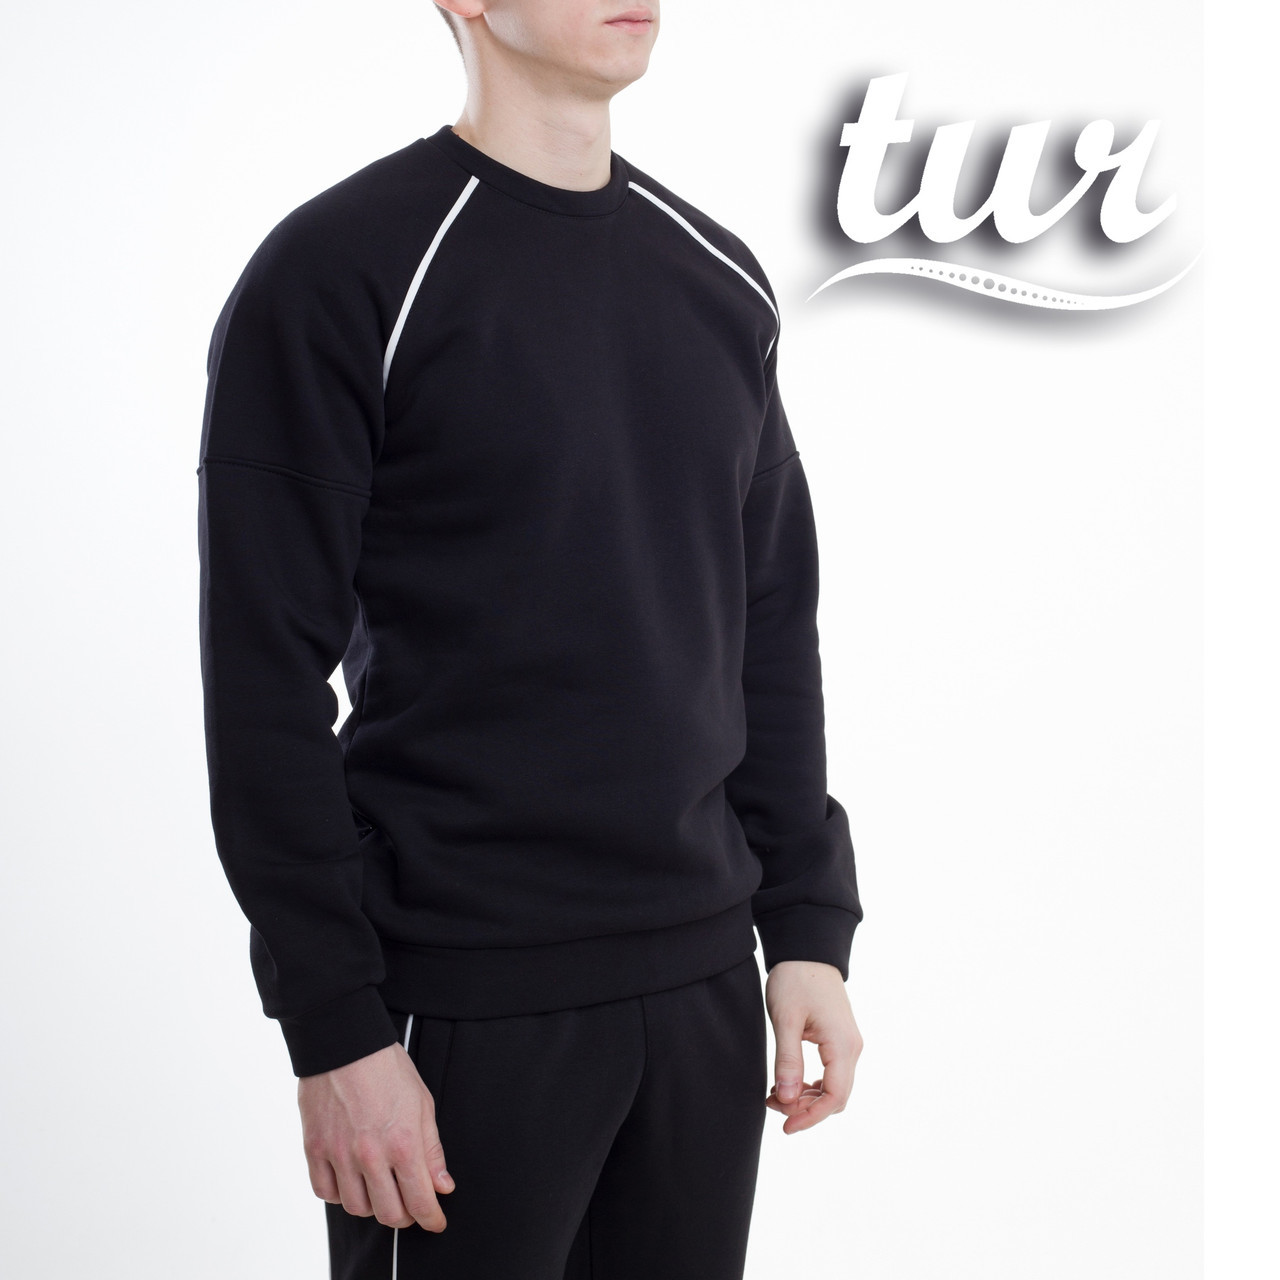 Зимовий світшот реглан чоловічий чорний зі смужками від бренду ТУР Сектор (Sector) розмір S, M, L, XL